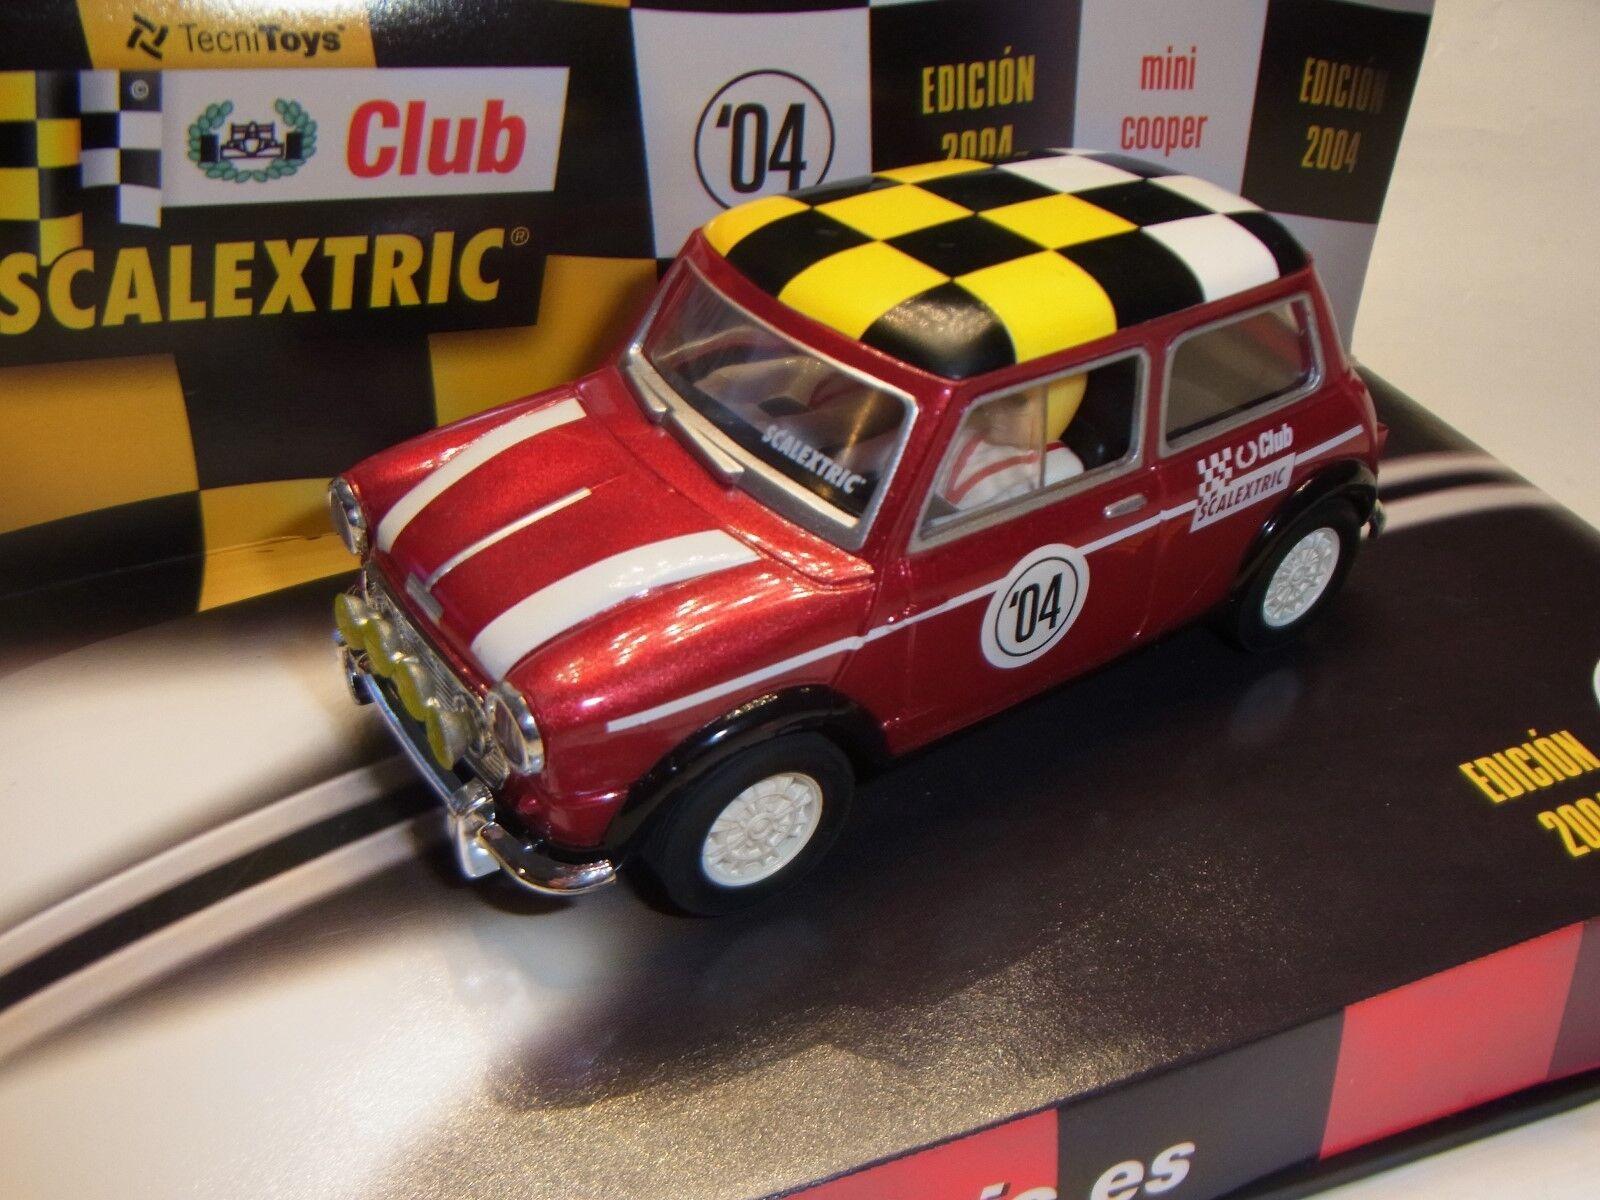 Scalextric Mini Cooper Scalextric Club C6137 para Circuito de Coches Slot 1  3 2